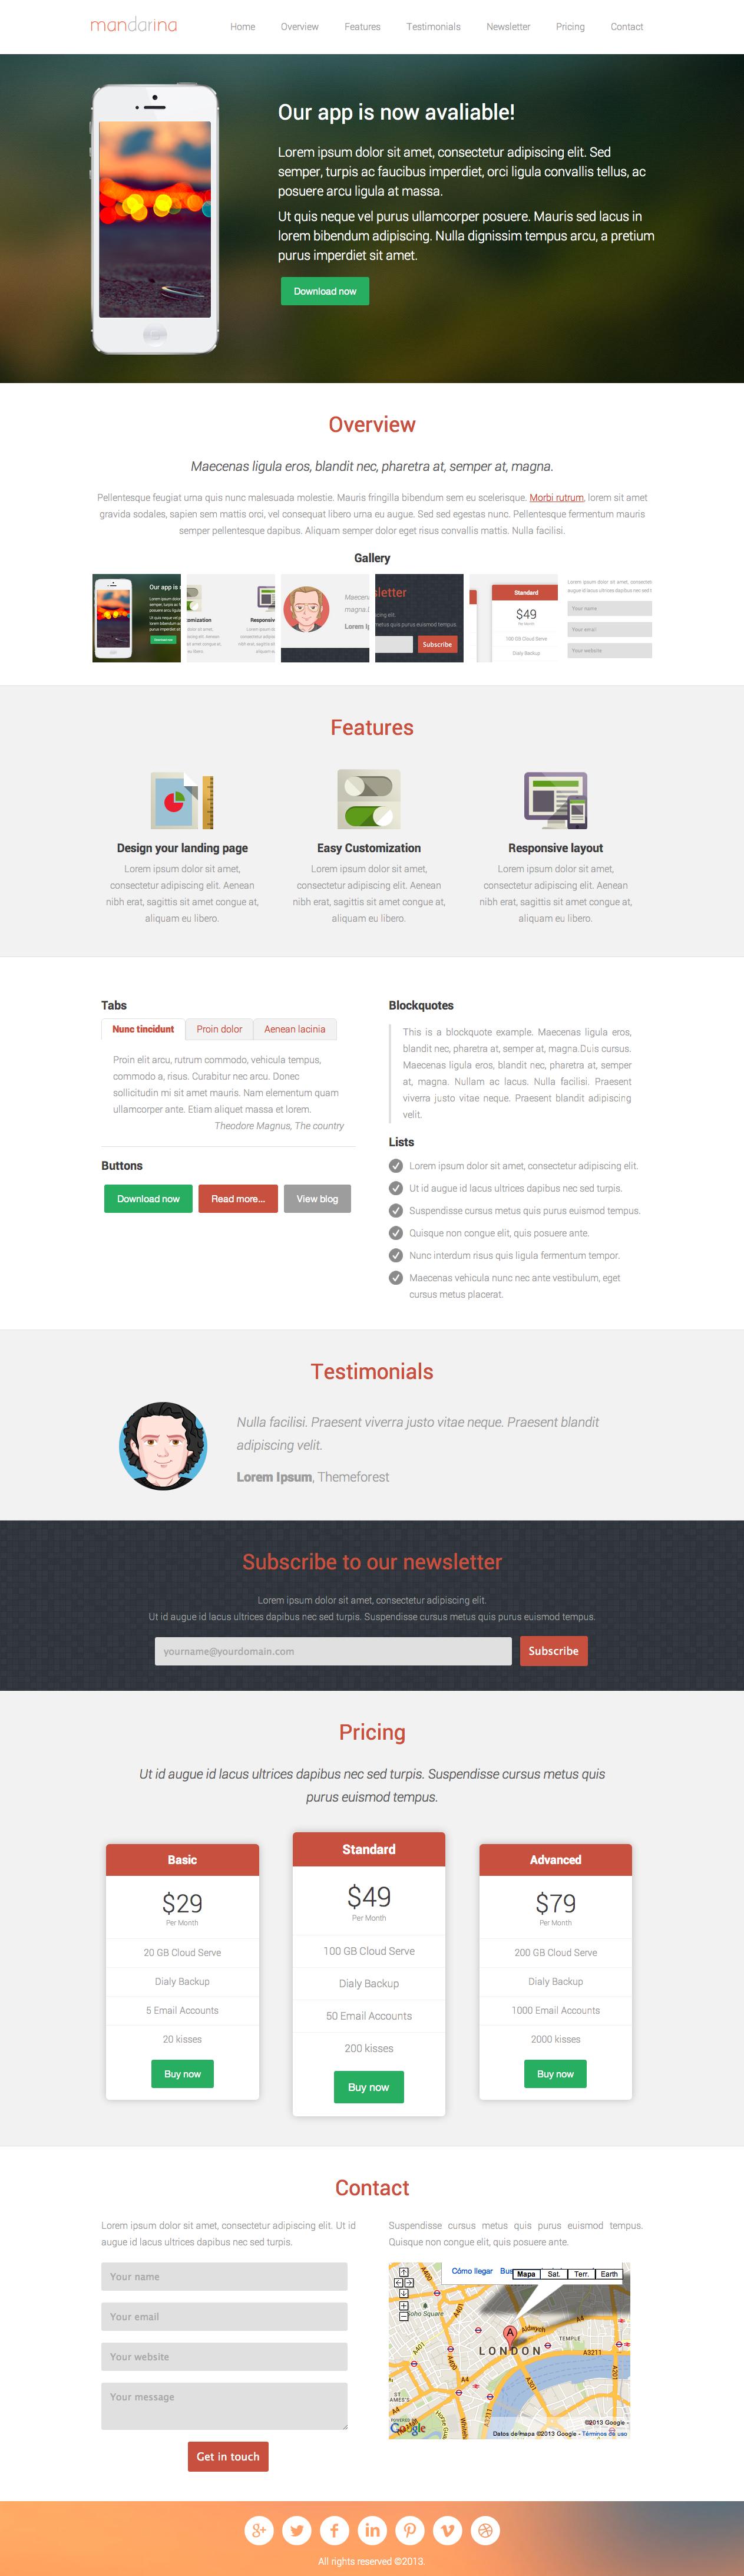 Mandarina - Landing Page Screenshot